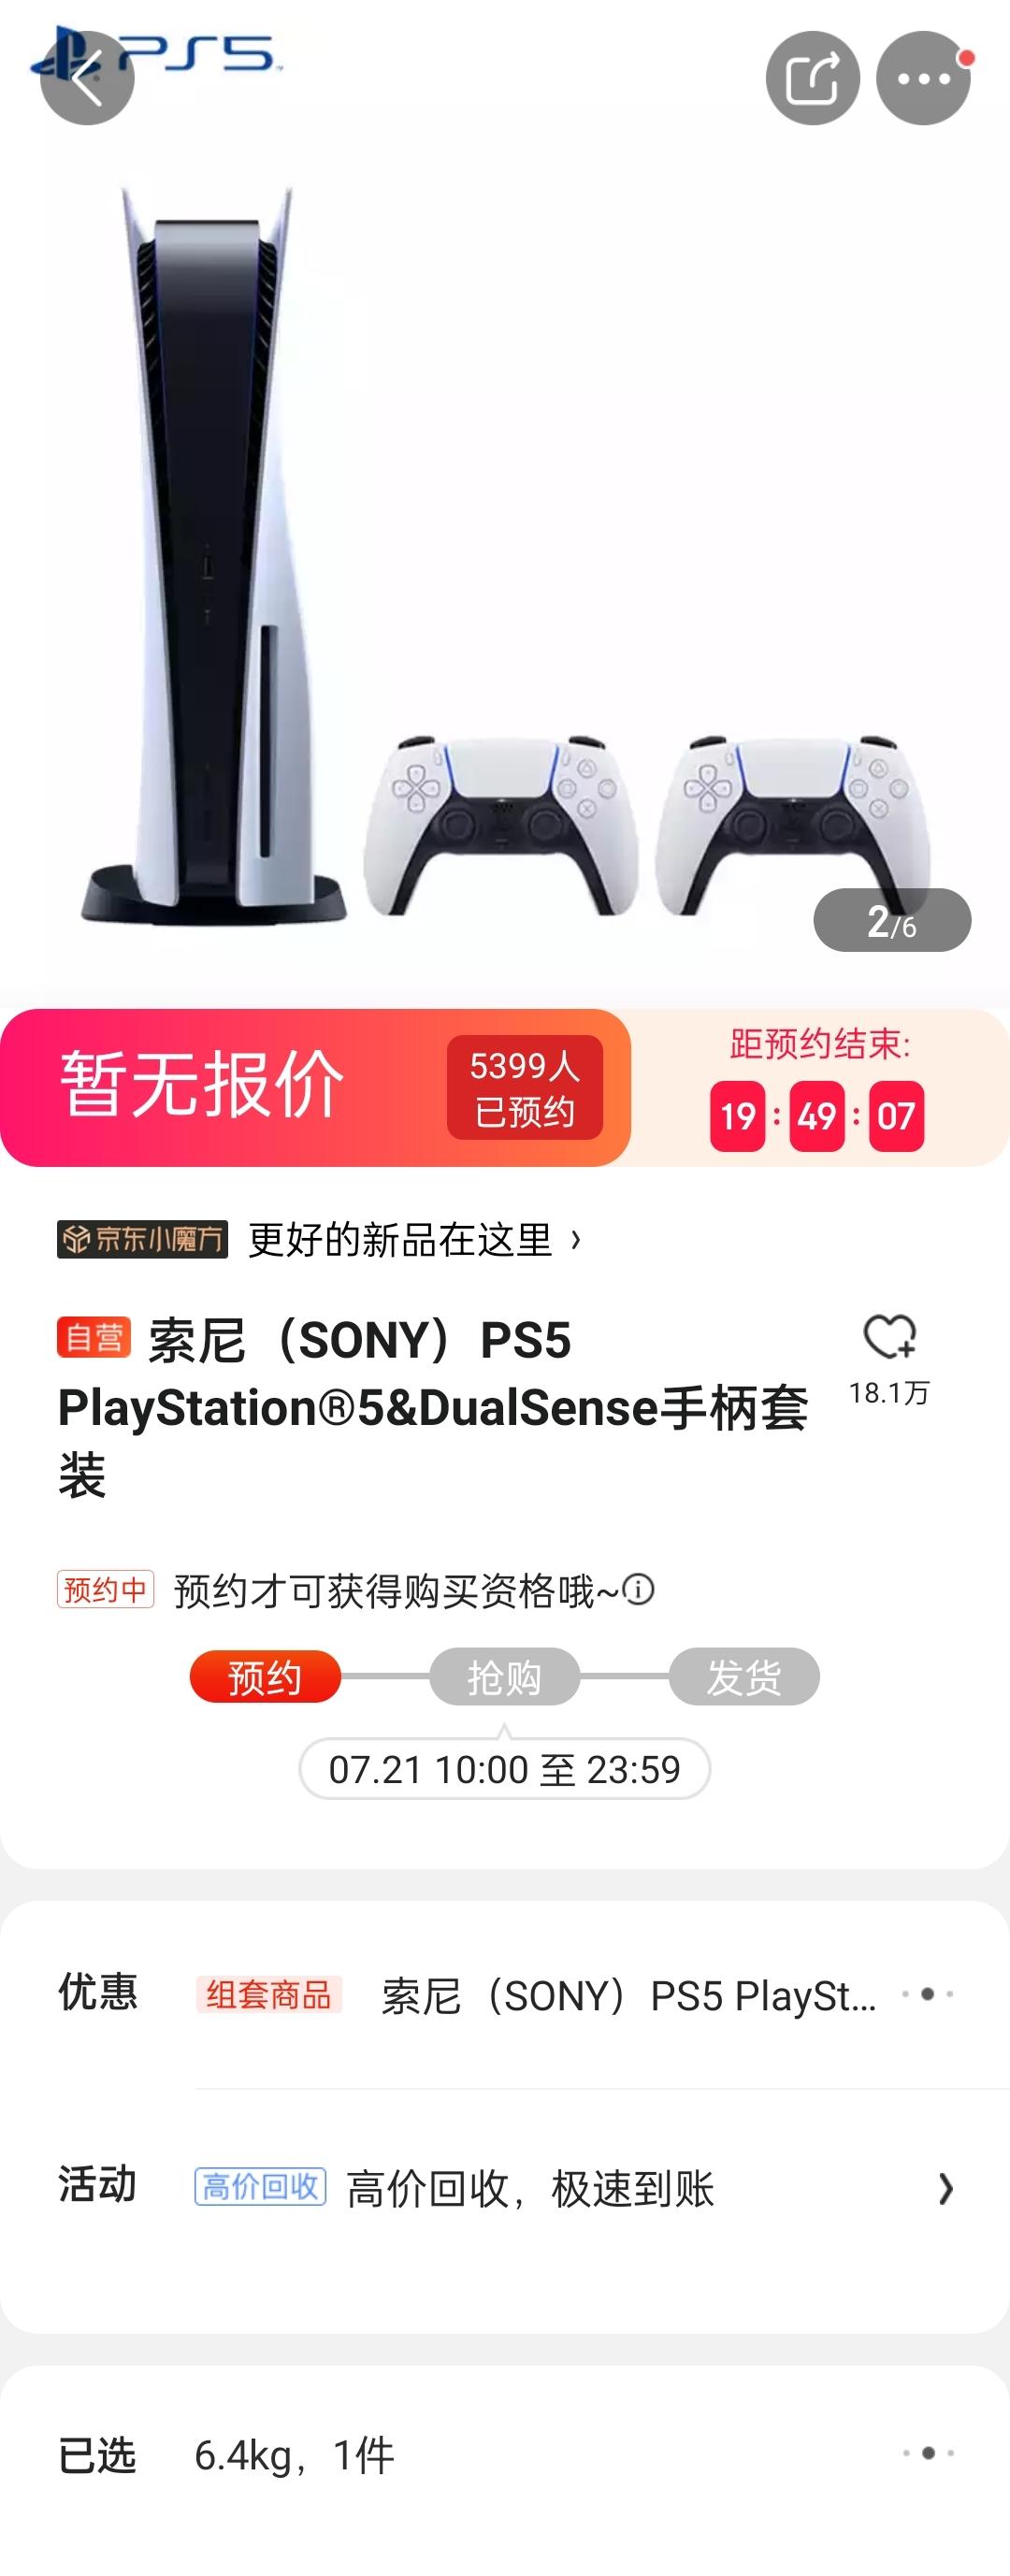 京东商城PS5国行预约开启!7月21日10点开始抢购